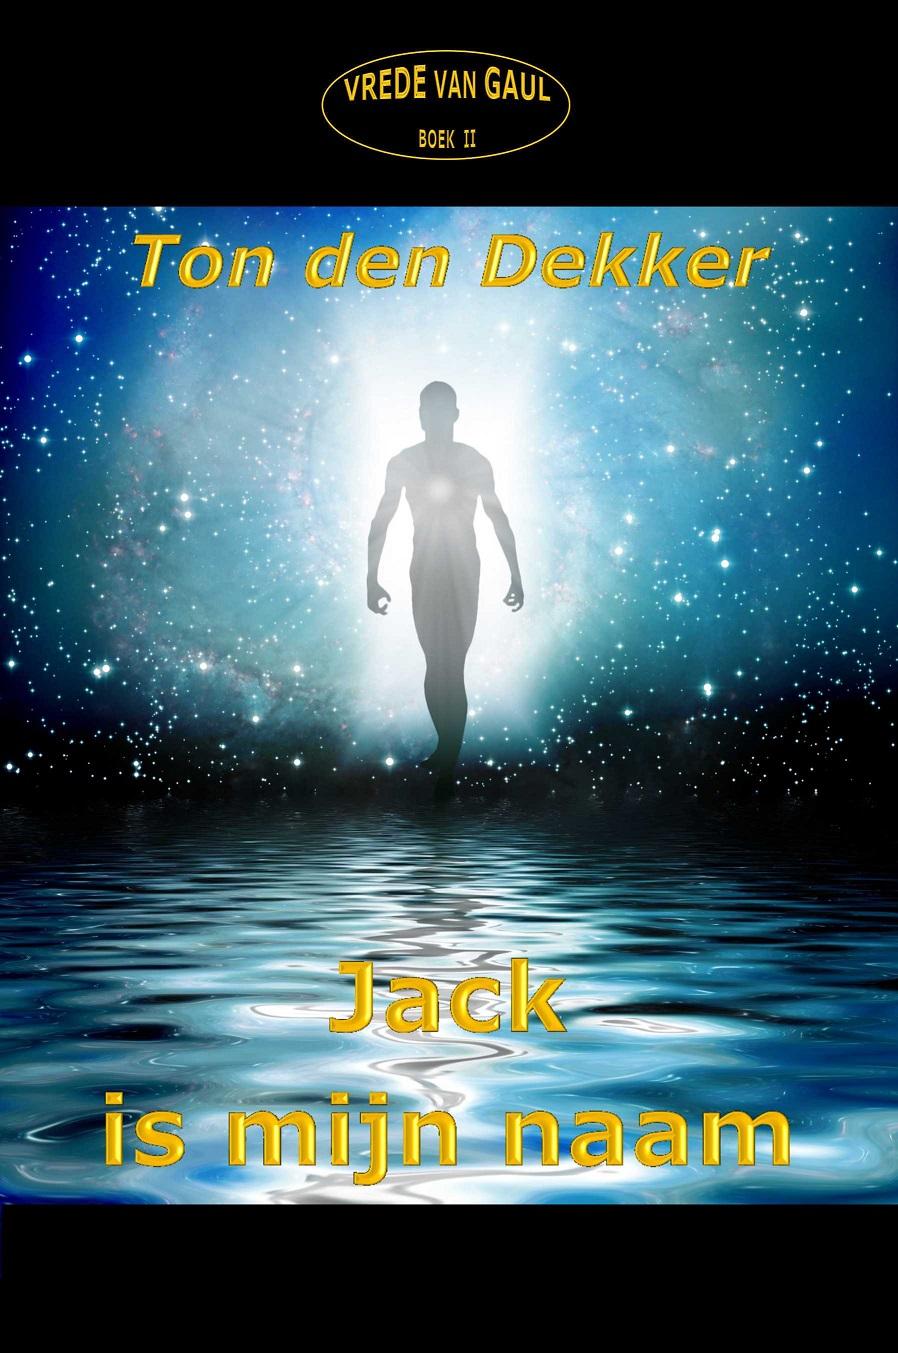 Jack is mijn naam – Vrede van Gaul II; Ton den Dekker